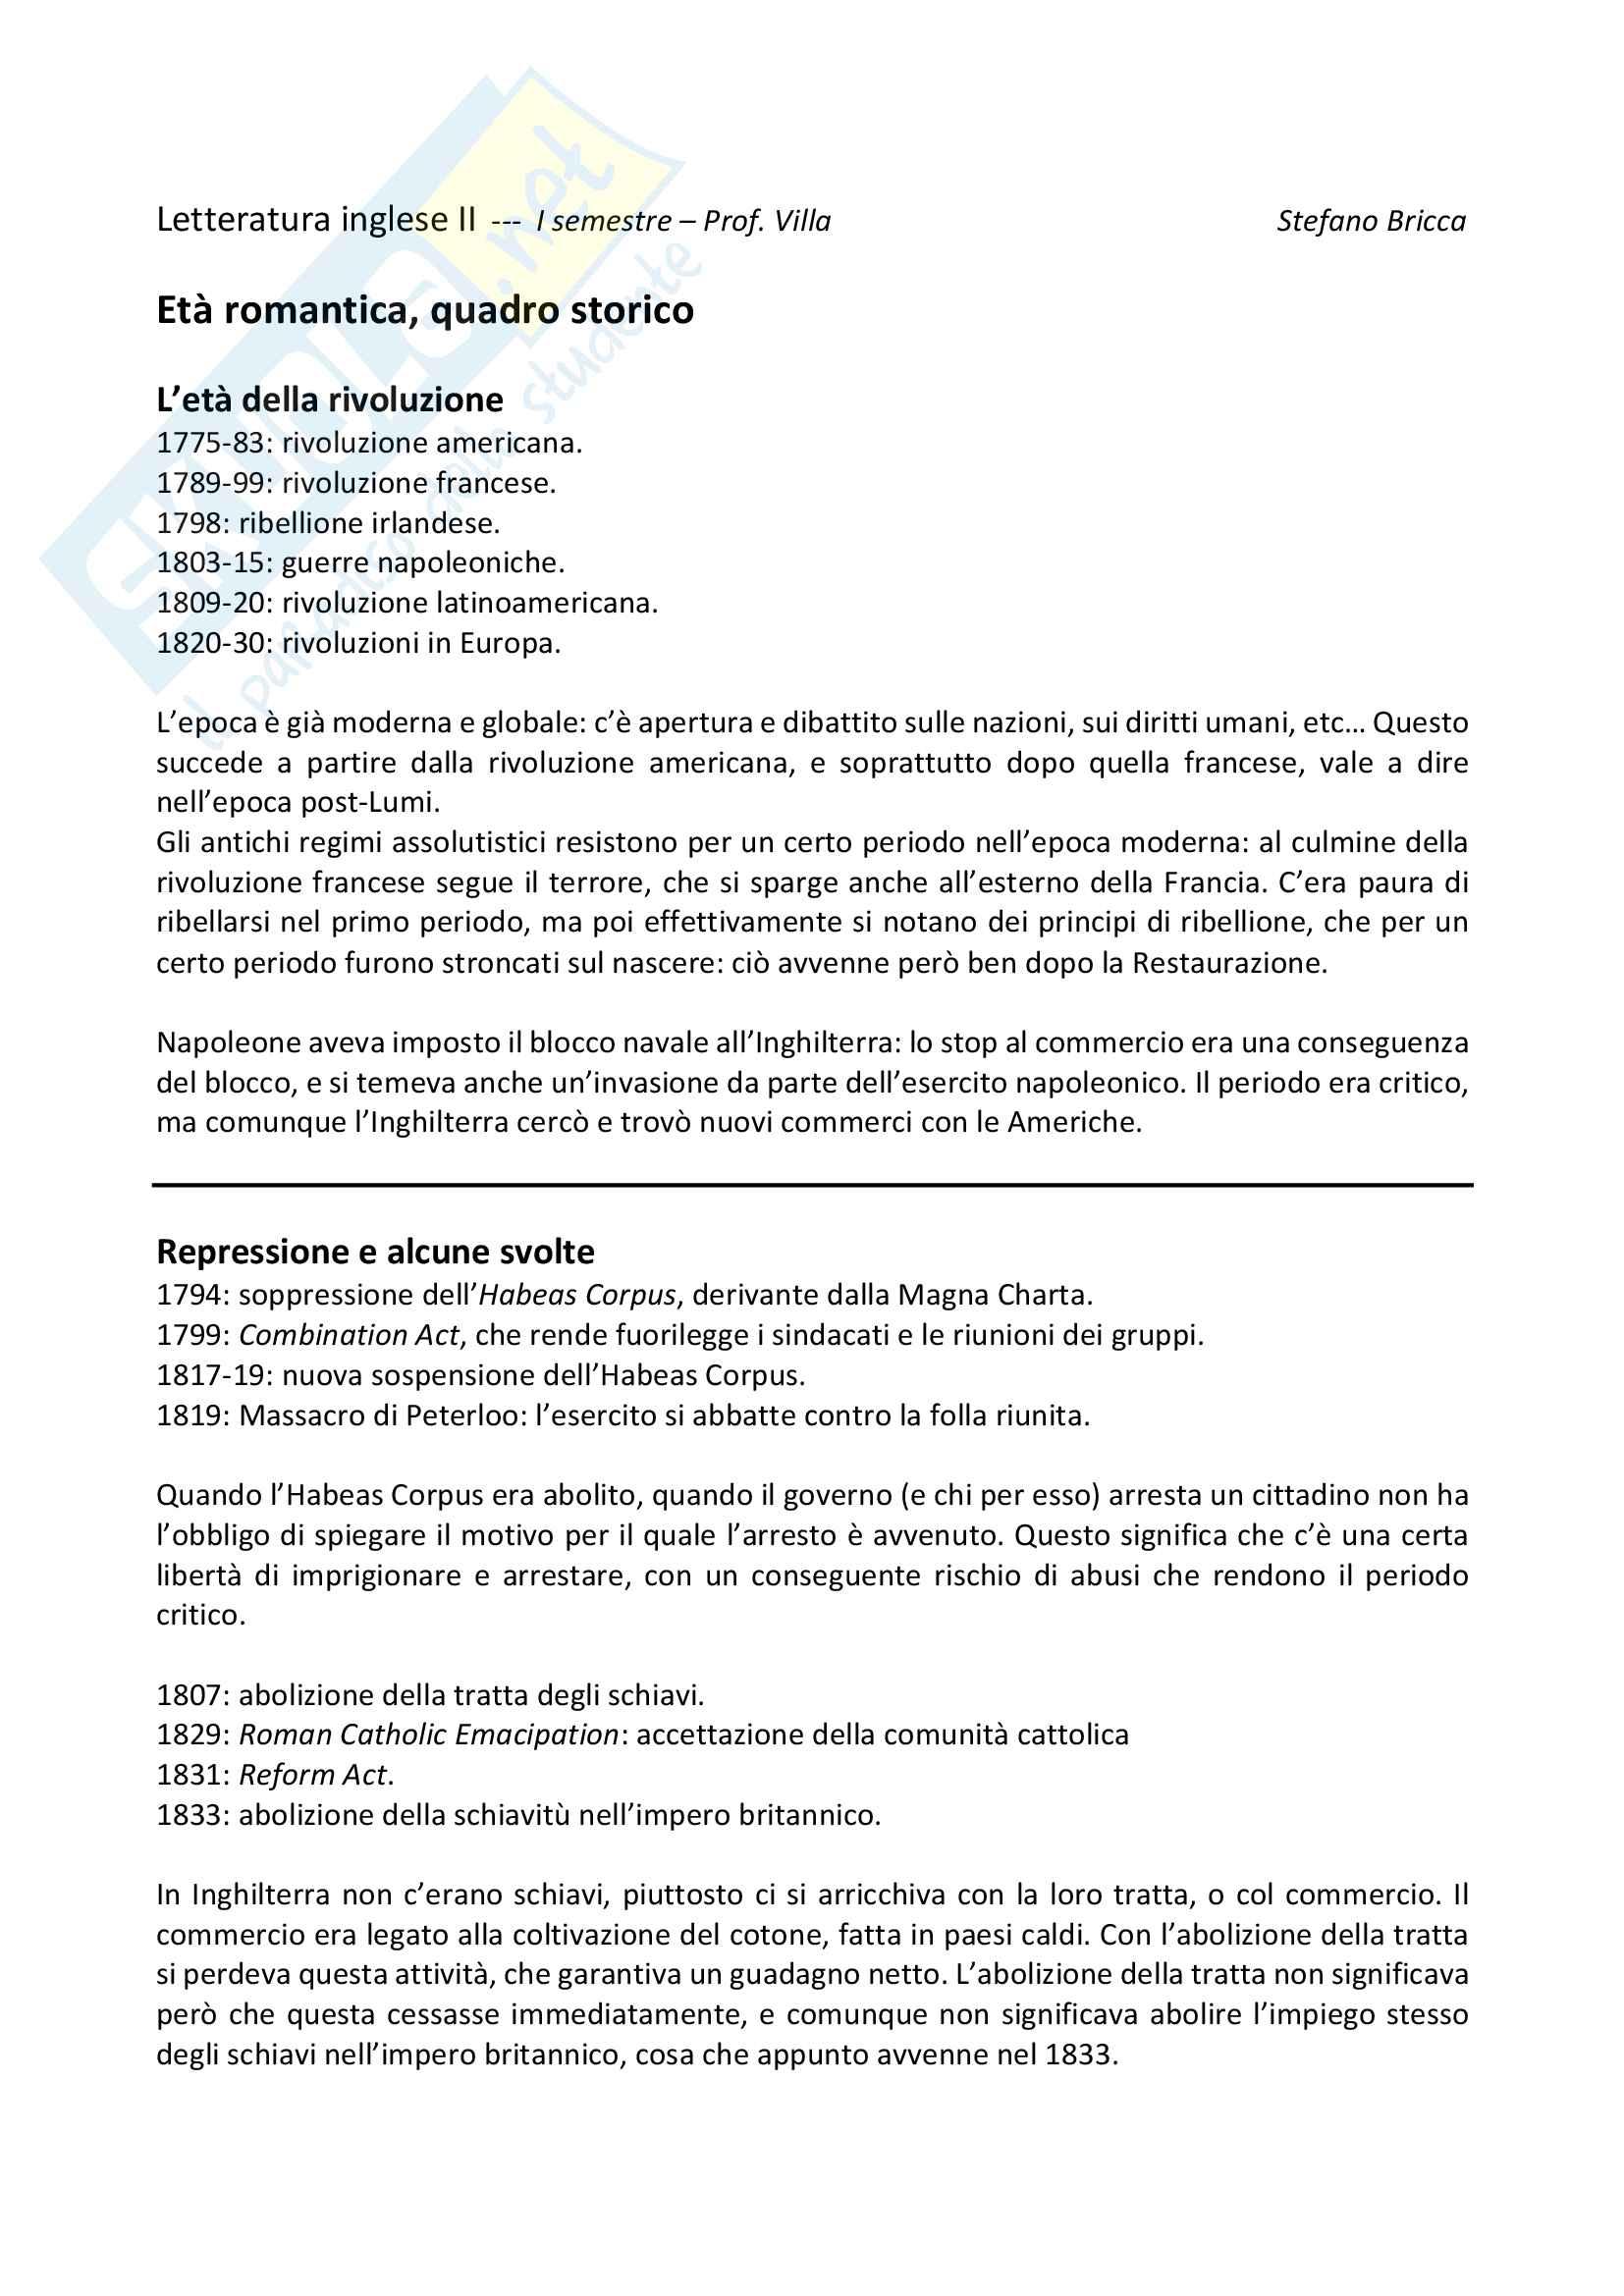 Appunti completi di Letteratura inglese II con la professoressa Villa Unige, LCM